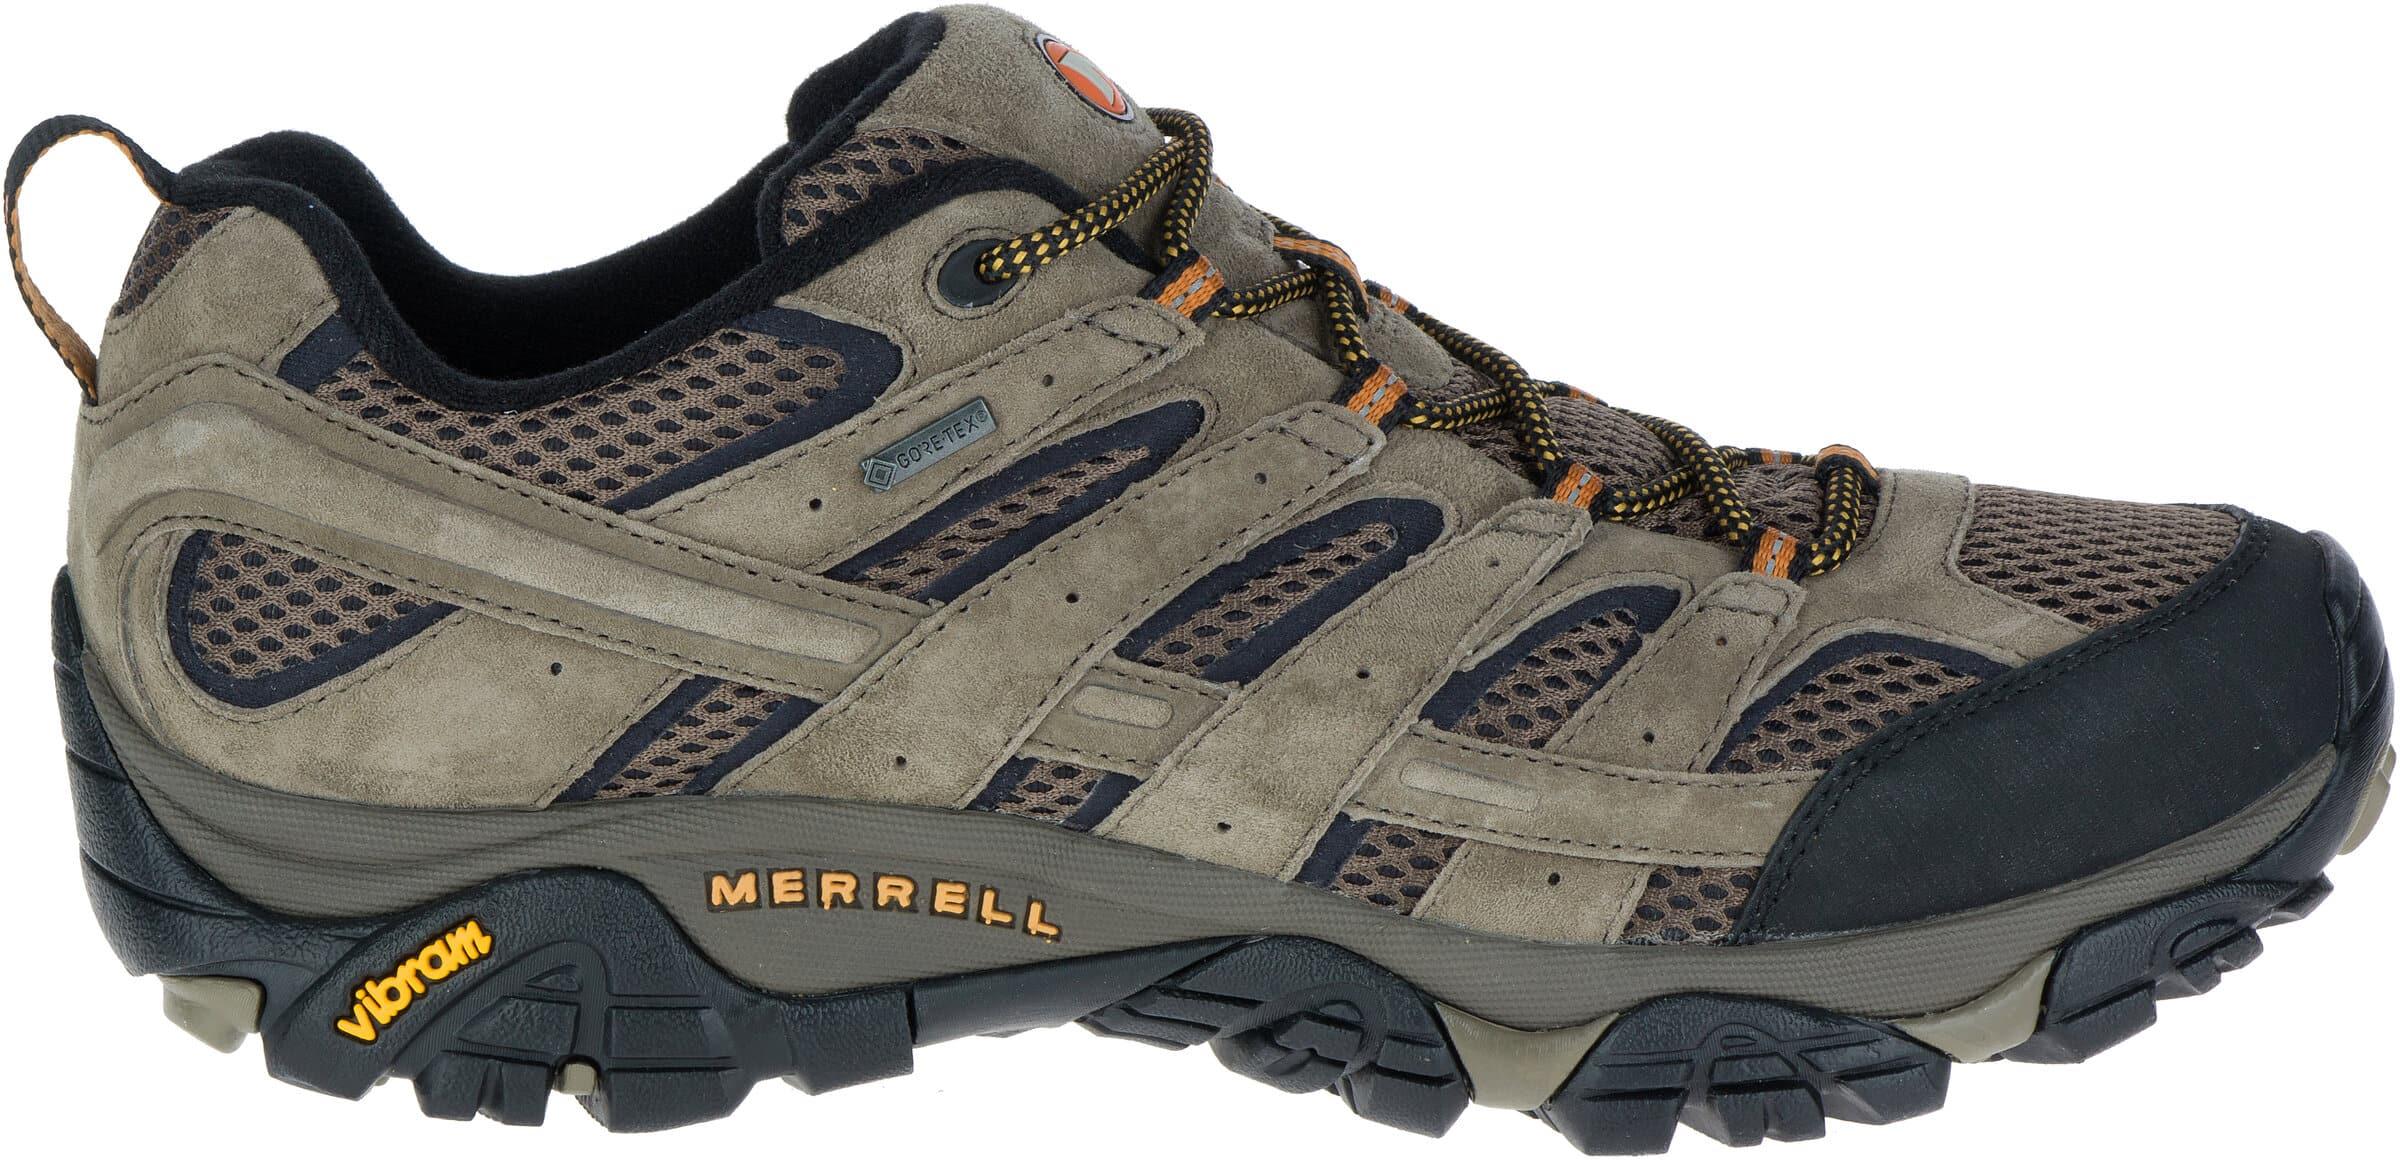 Merrell Moab II Ltr GTX Scarpa multifunzione da uomo